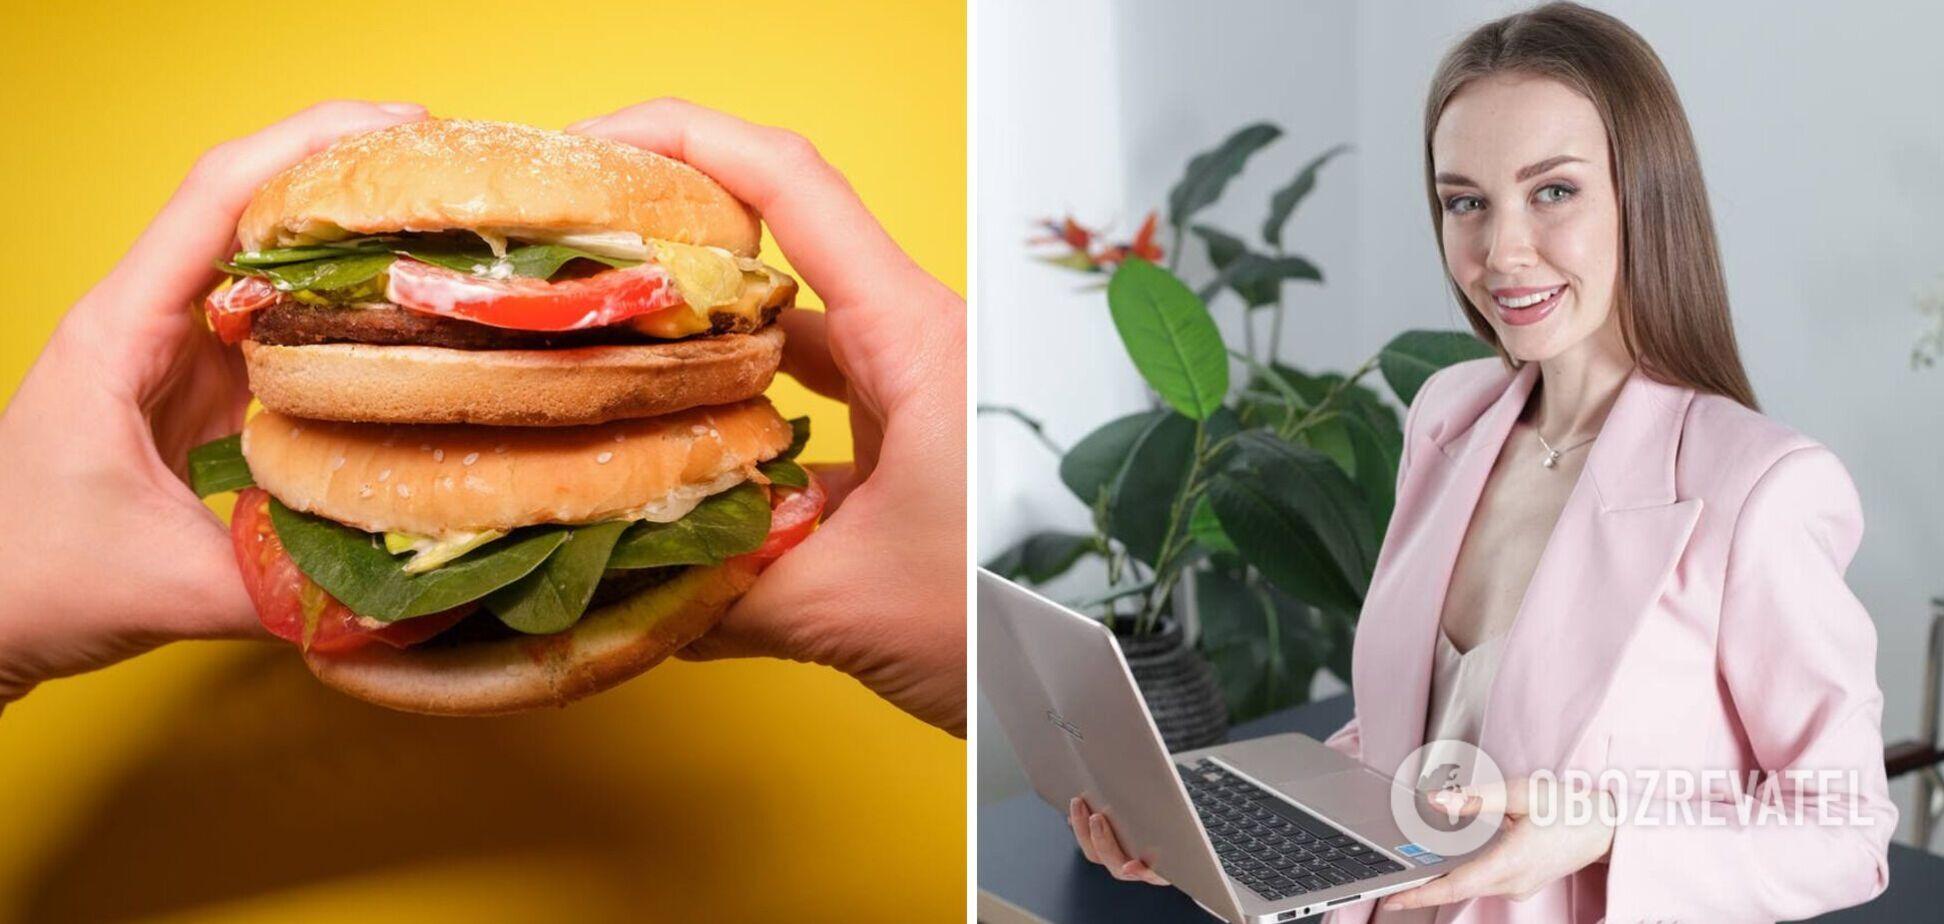 Шаурма, гамбургер чи картопля фрі – який фастфуд здоровіший: розповідає експертка. Ексклюзив